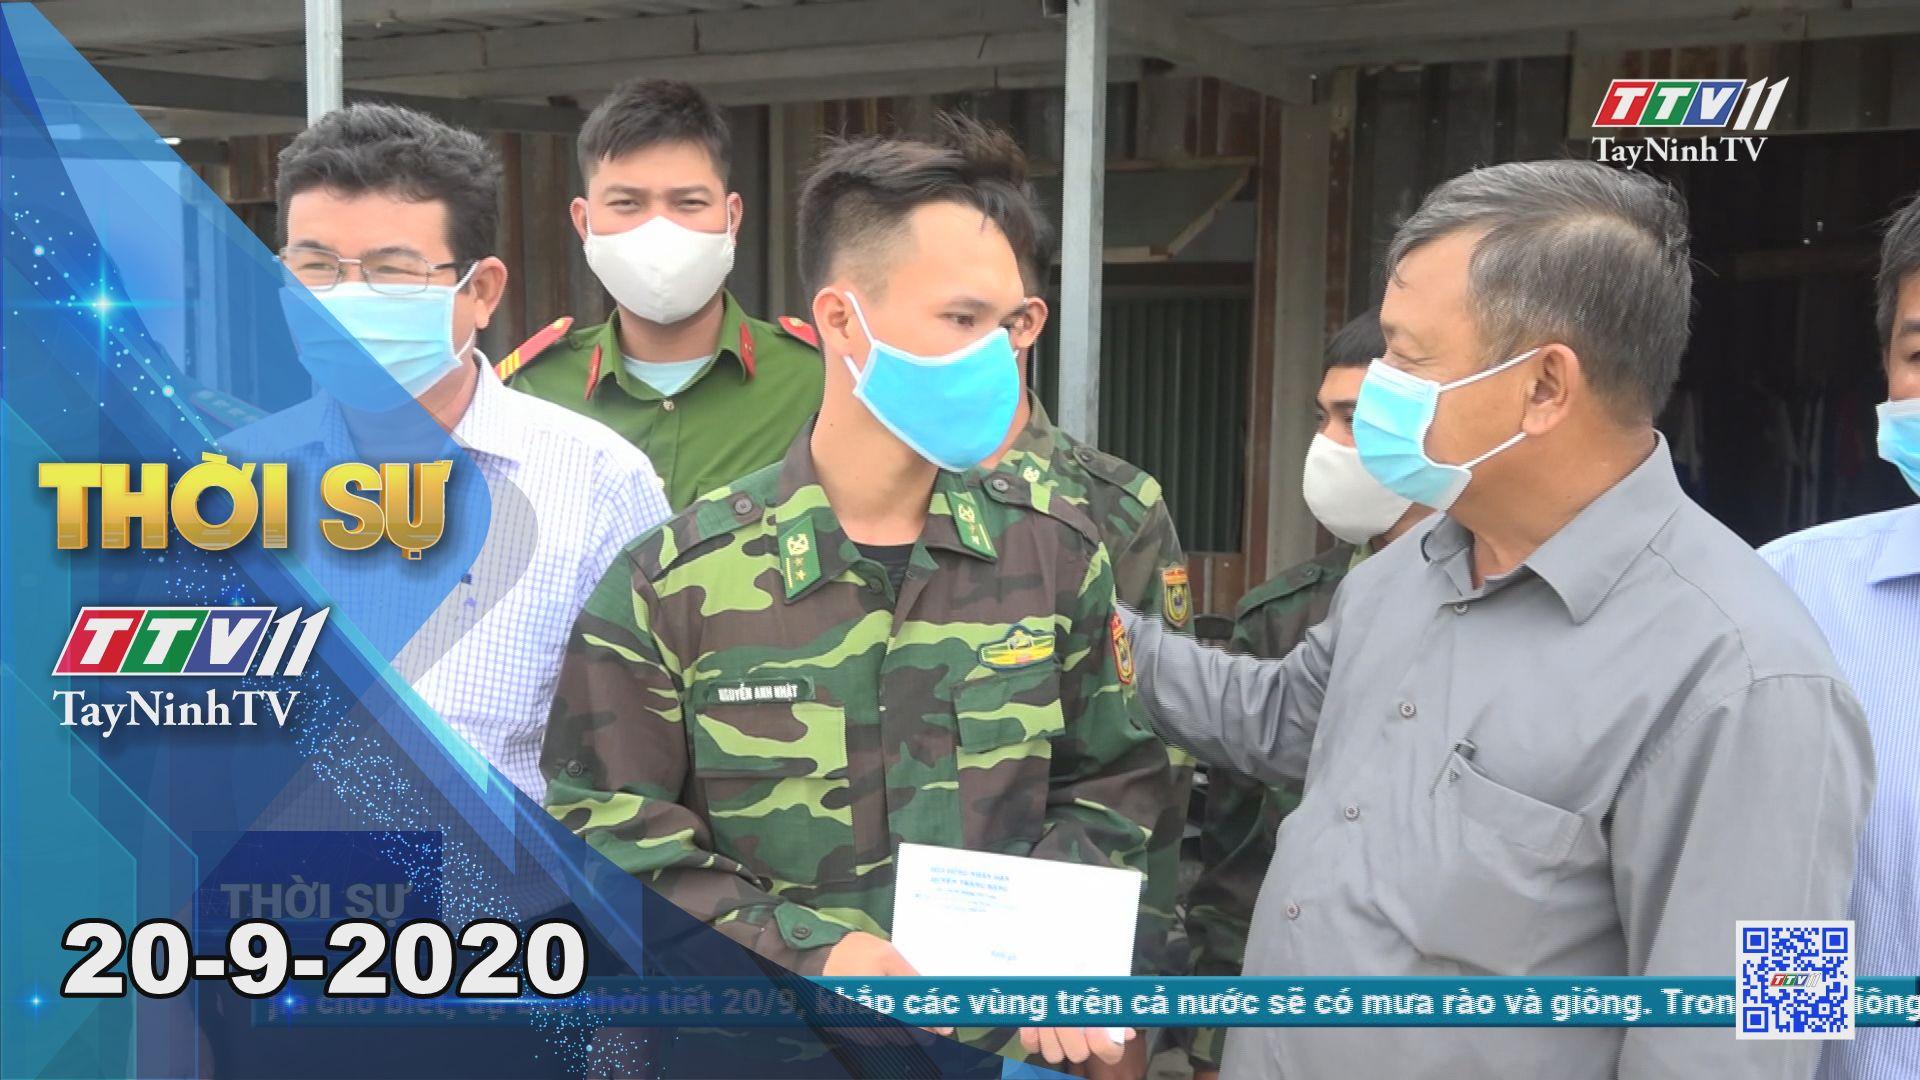 Thời sự Tây Ninh 20-9-2020 | Tin tức hôm nay | TayNinhTV